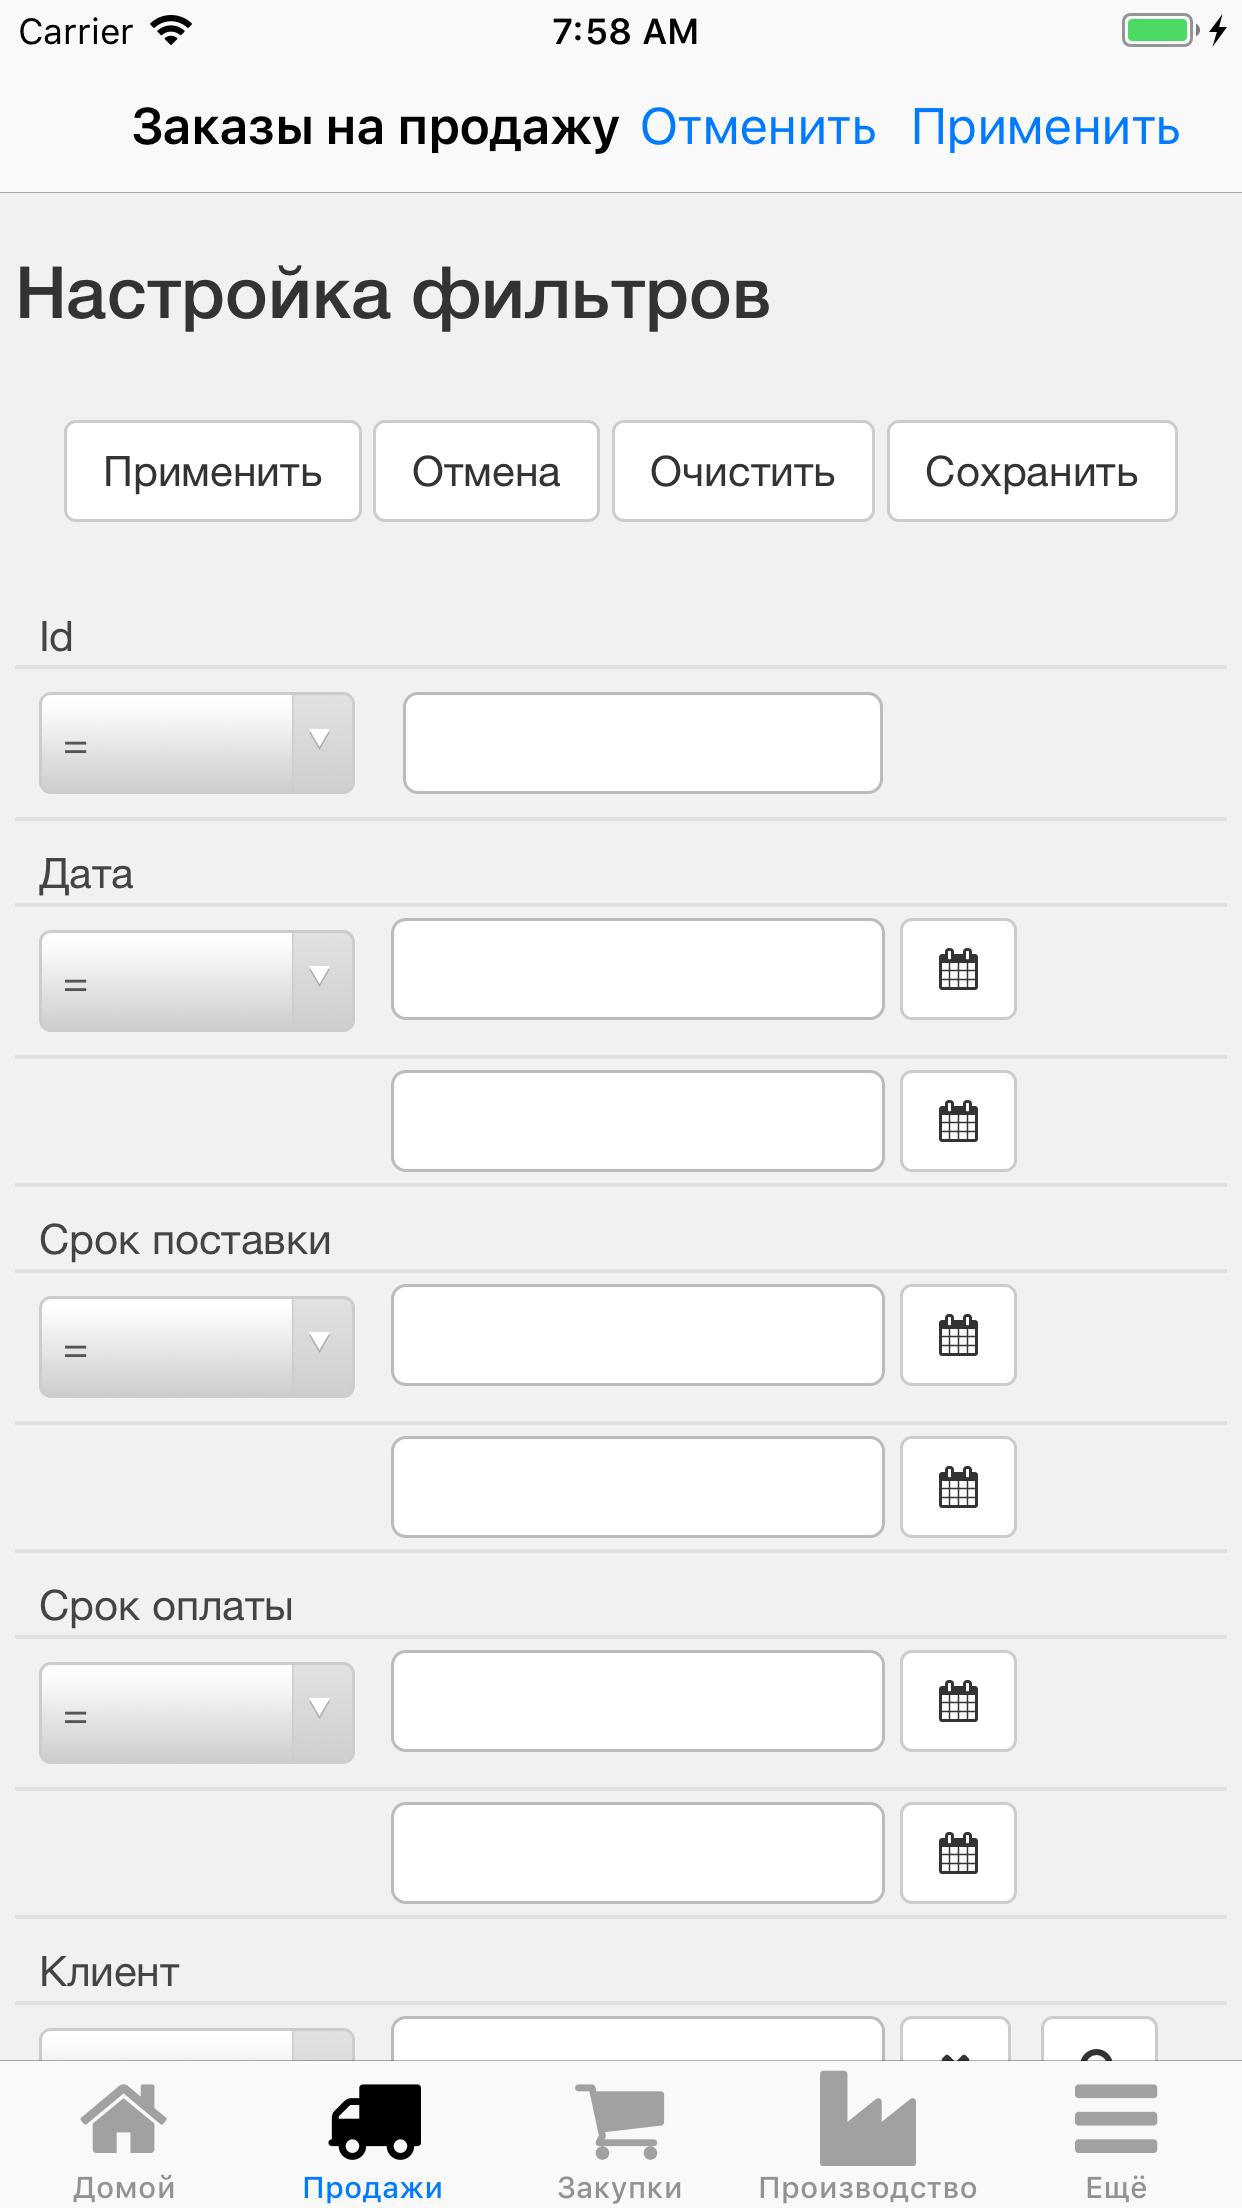 Нано предприятие. Фильтры списка заказов